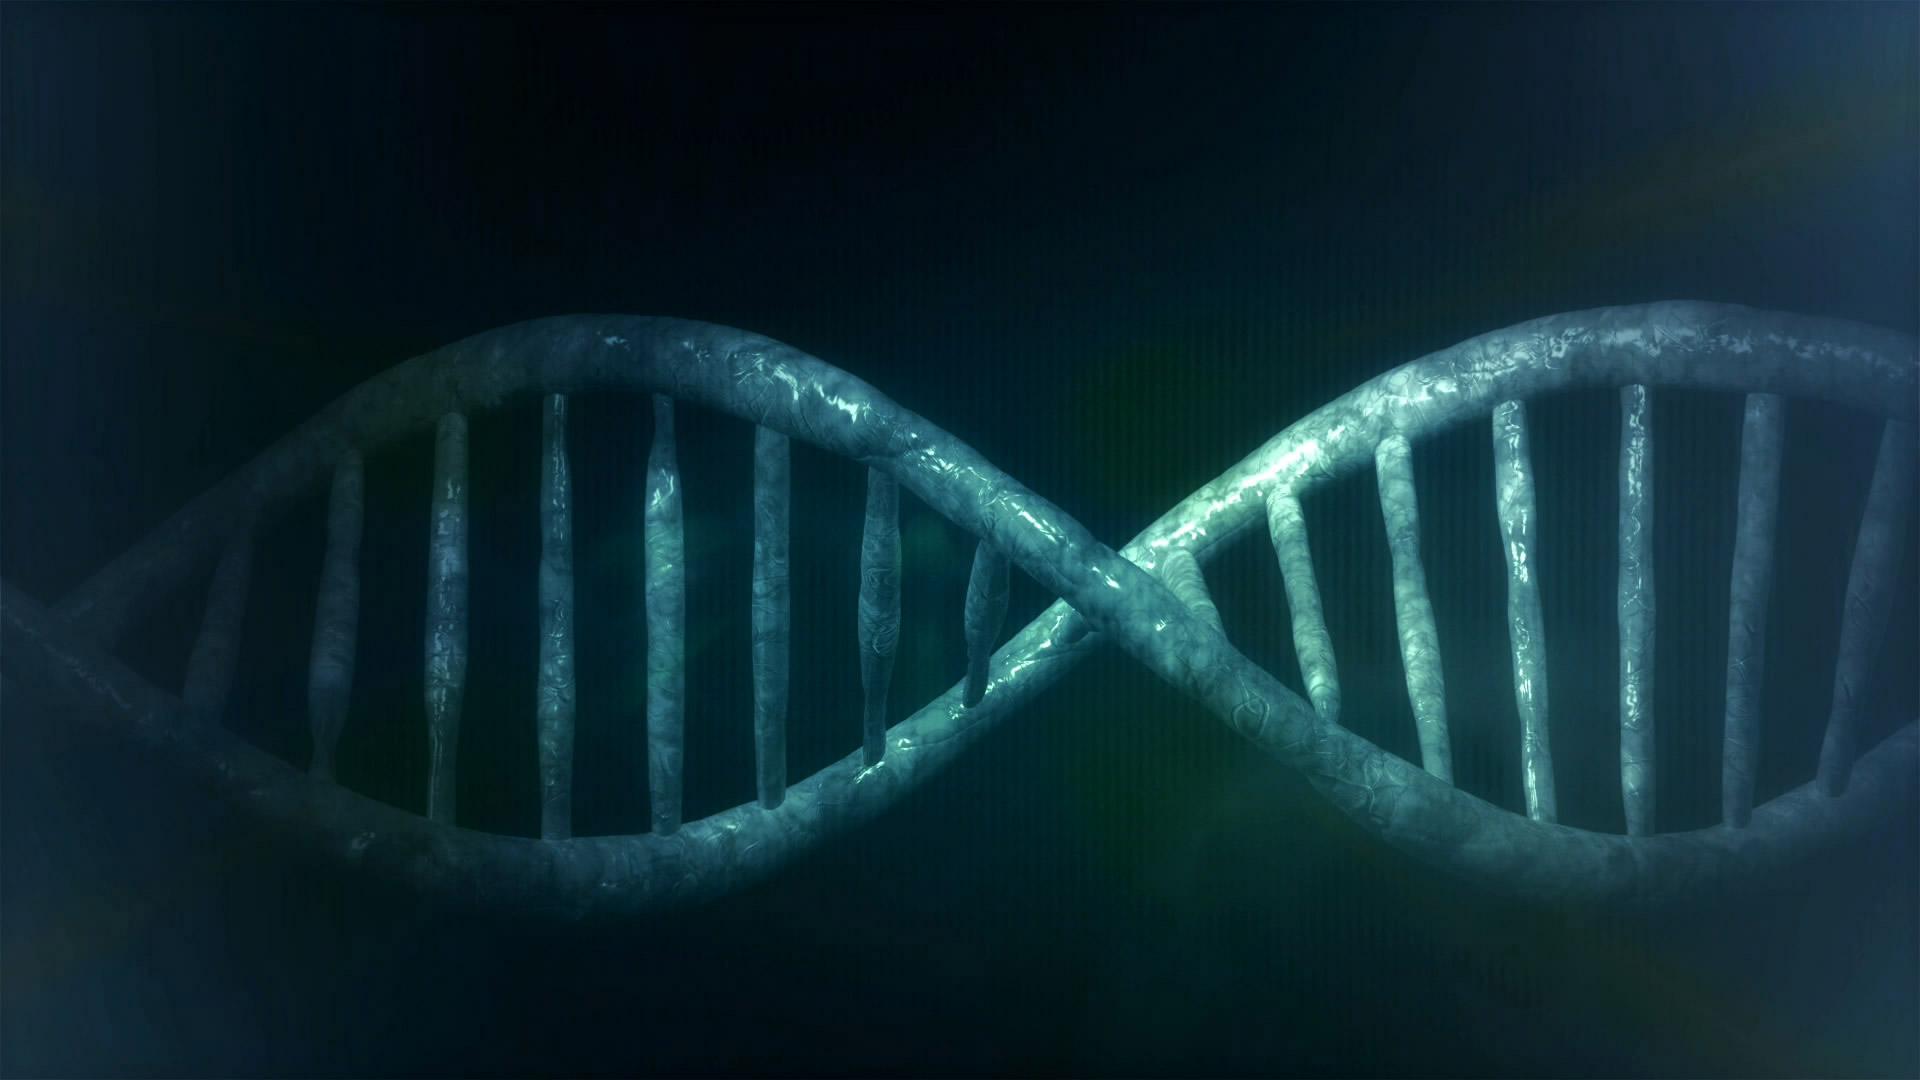 Las mutaciones genéticas ocurren de manera azarosa.